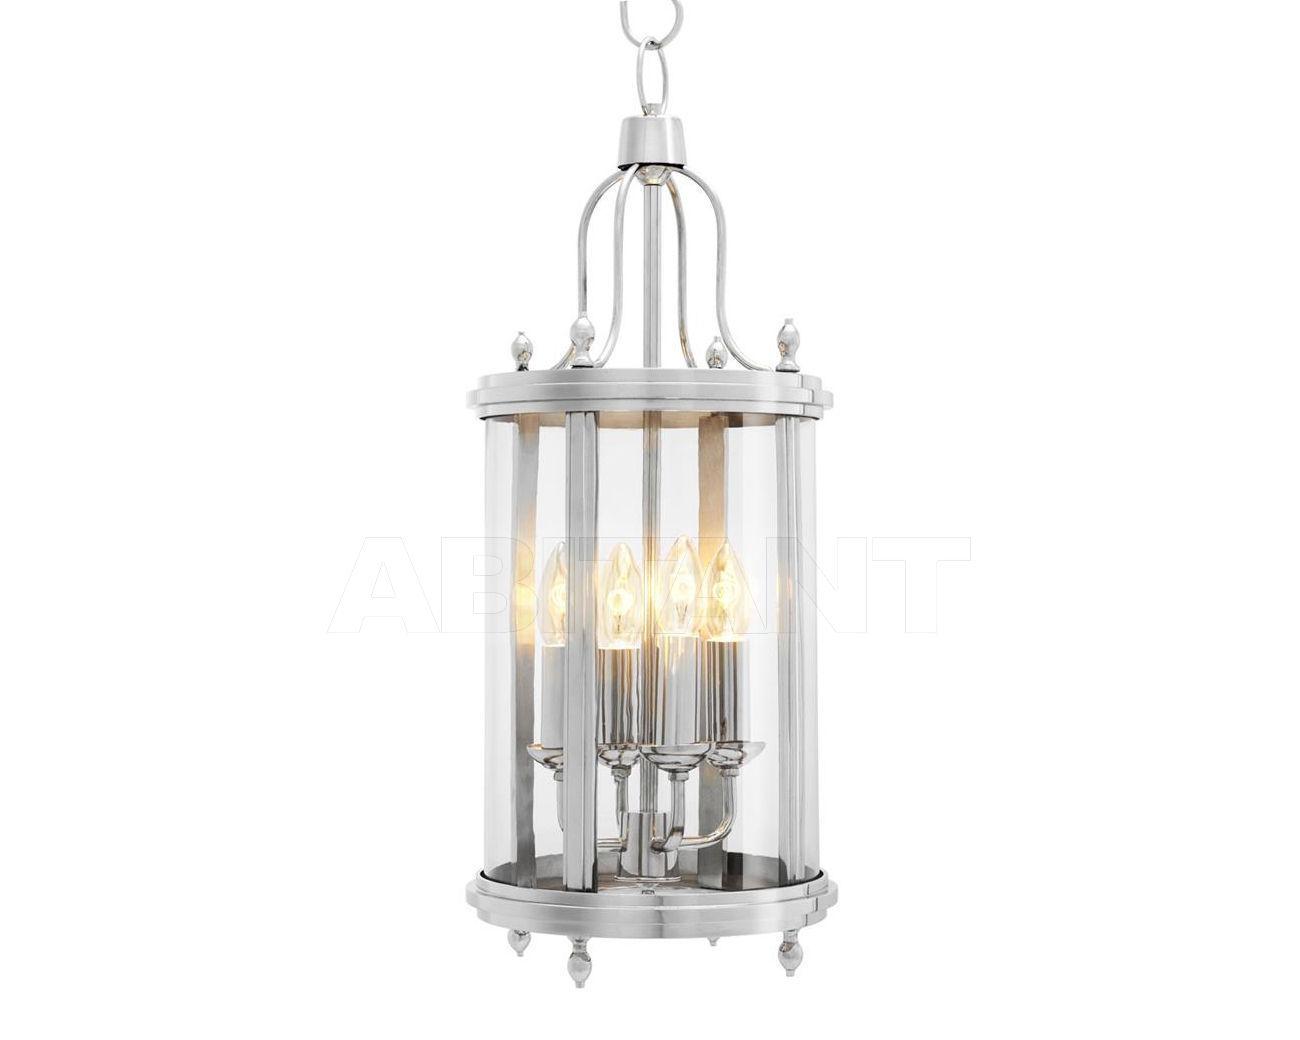 Купить Светильник Sandhurst Eichholtz  Lighting 105189